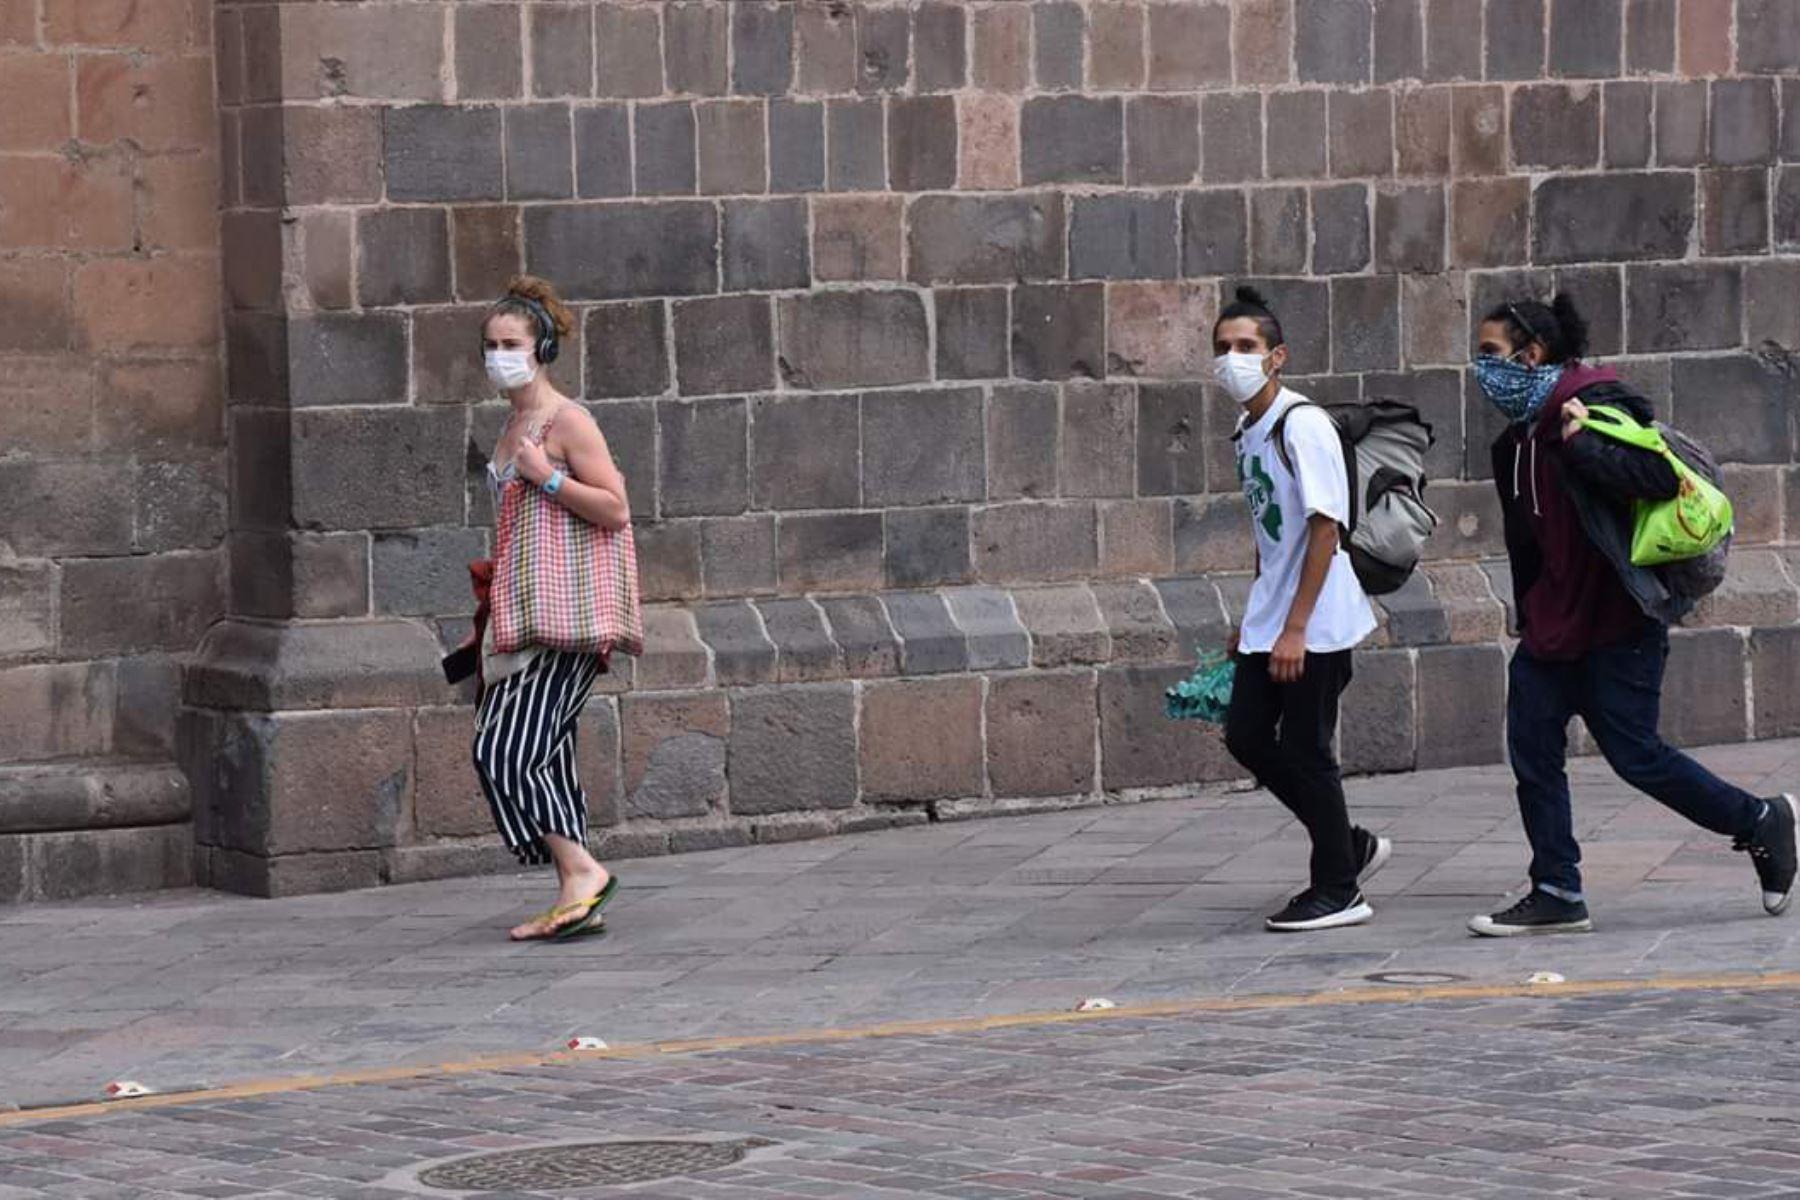 En el centro histórico del Cusco aún se observa a turistas y cusqueños, pese al estado de emergencia y aislamiento social. Foto: ANDINA/Difusión